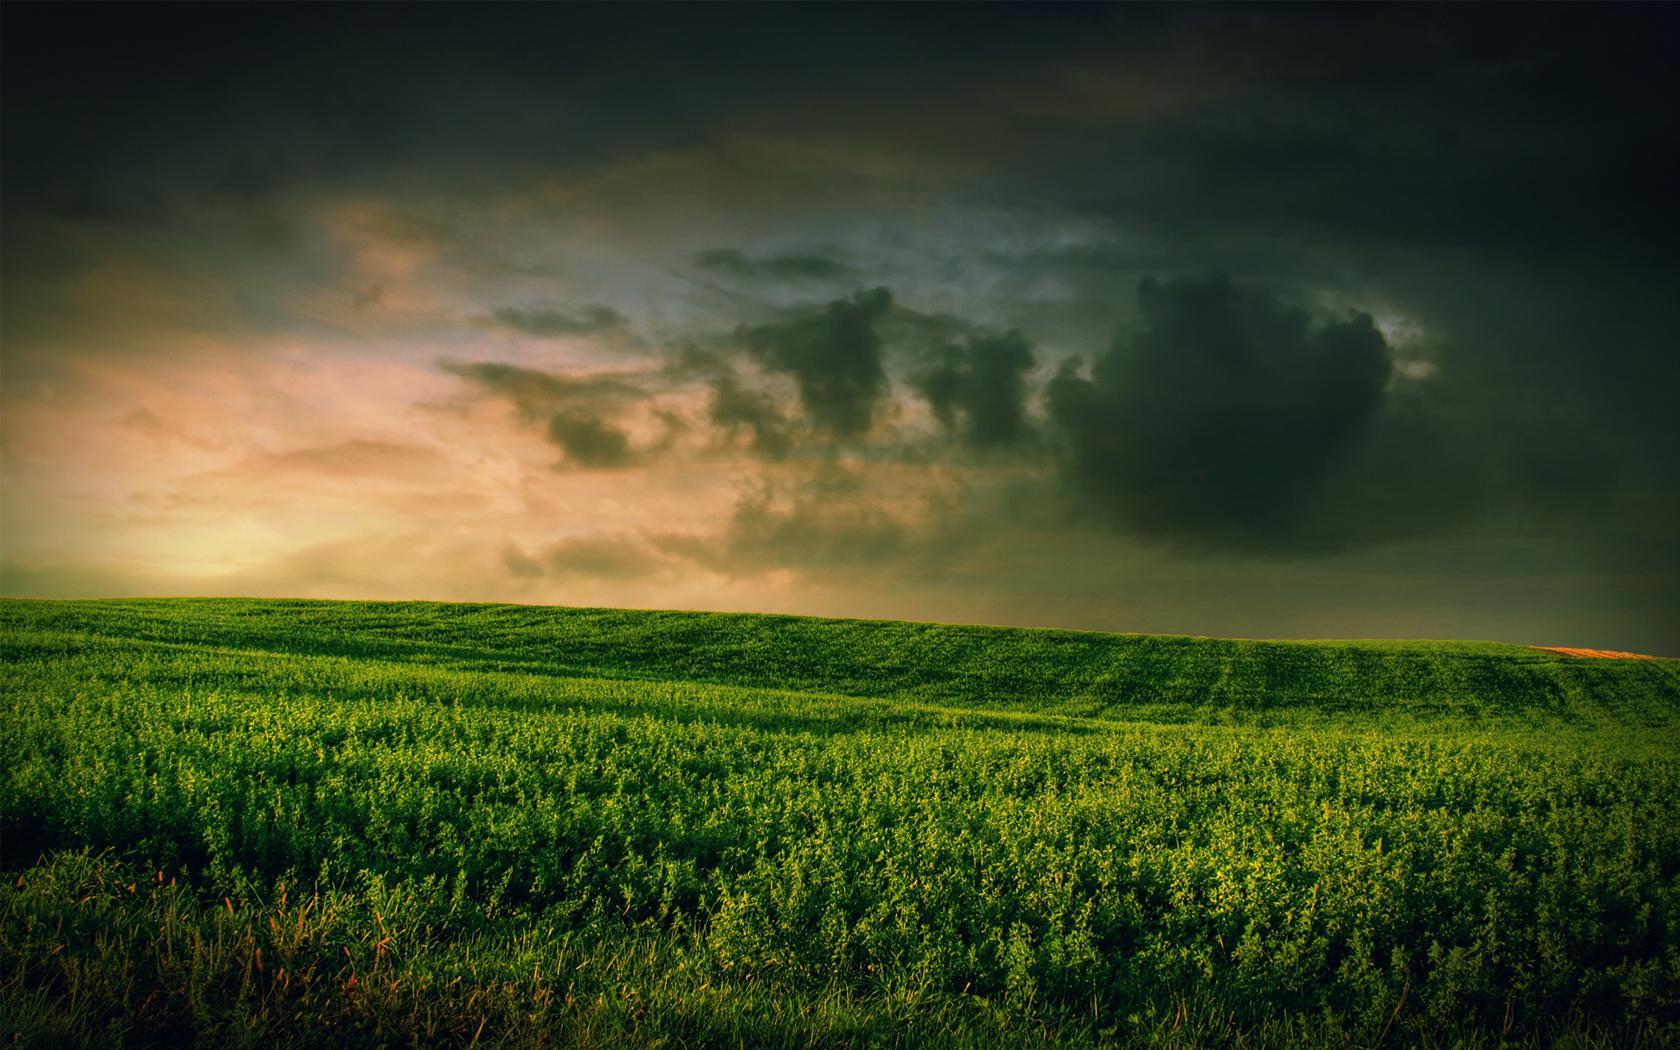 Splendidi paesaggi della natura per pc desktop android e for Sfondi hd natura